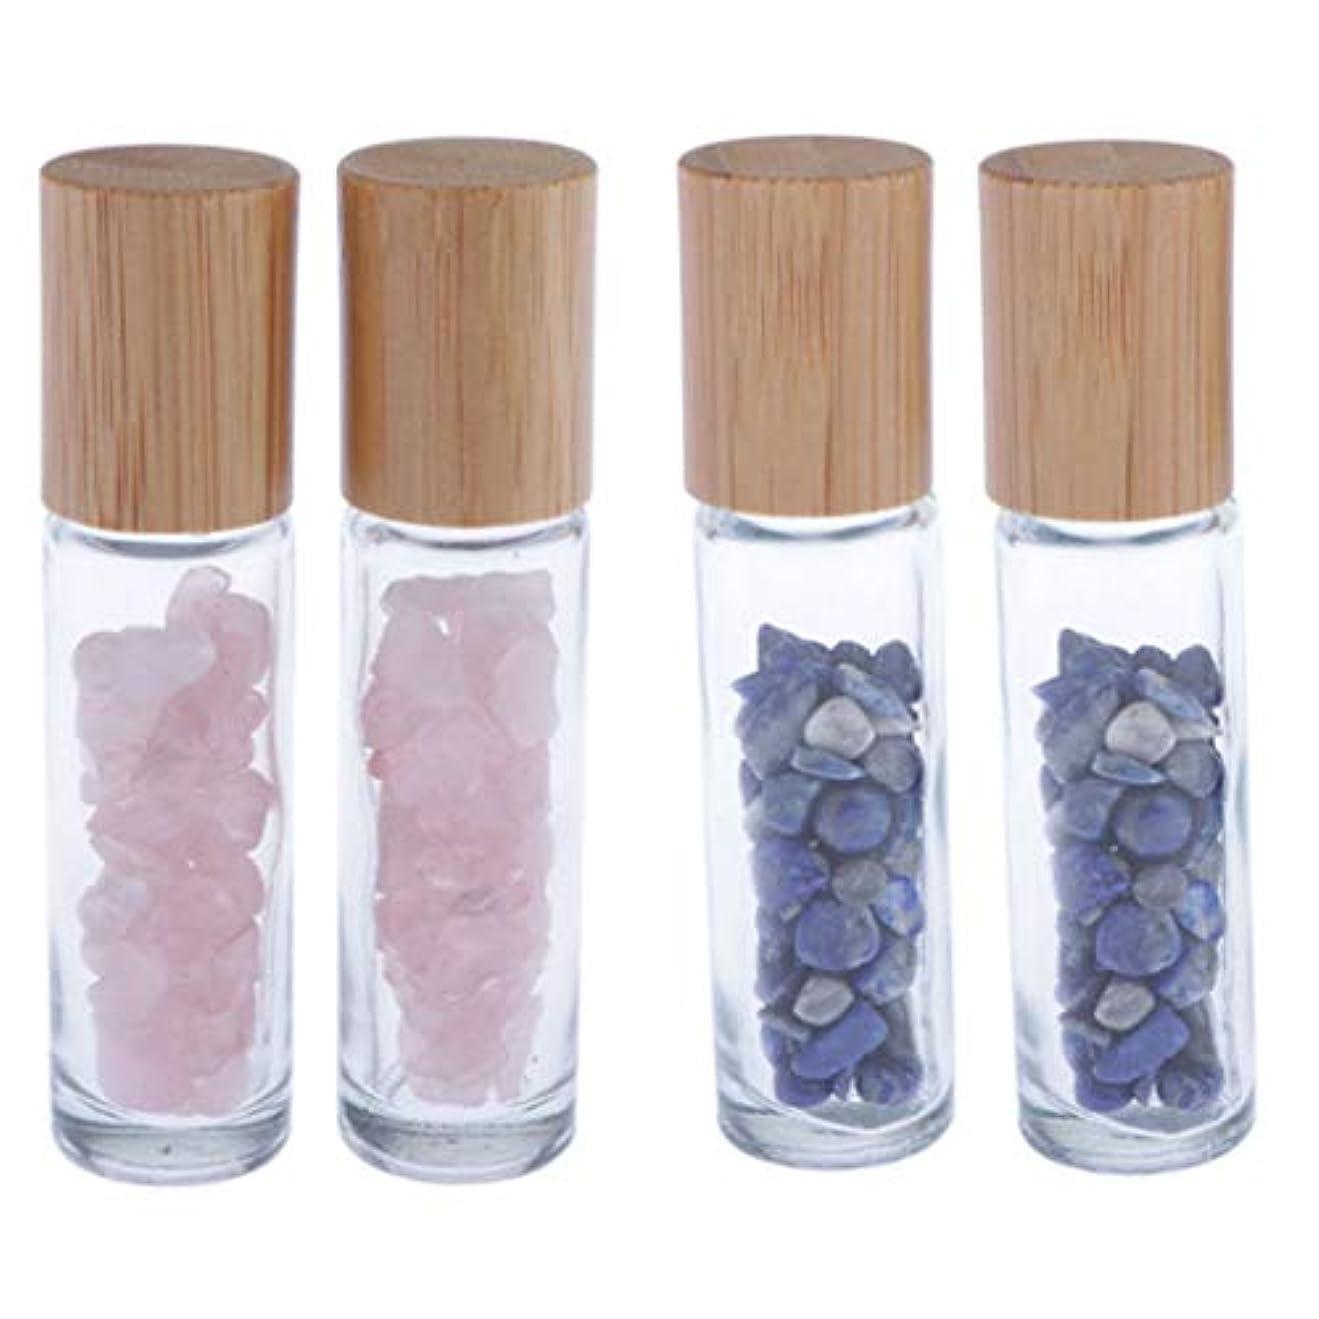 流星緊張するサークル香水 ロールオンボトル 詰め替え ロールオンボトル 10ml 容器 エッセンシャルオイル